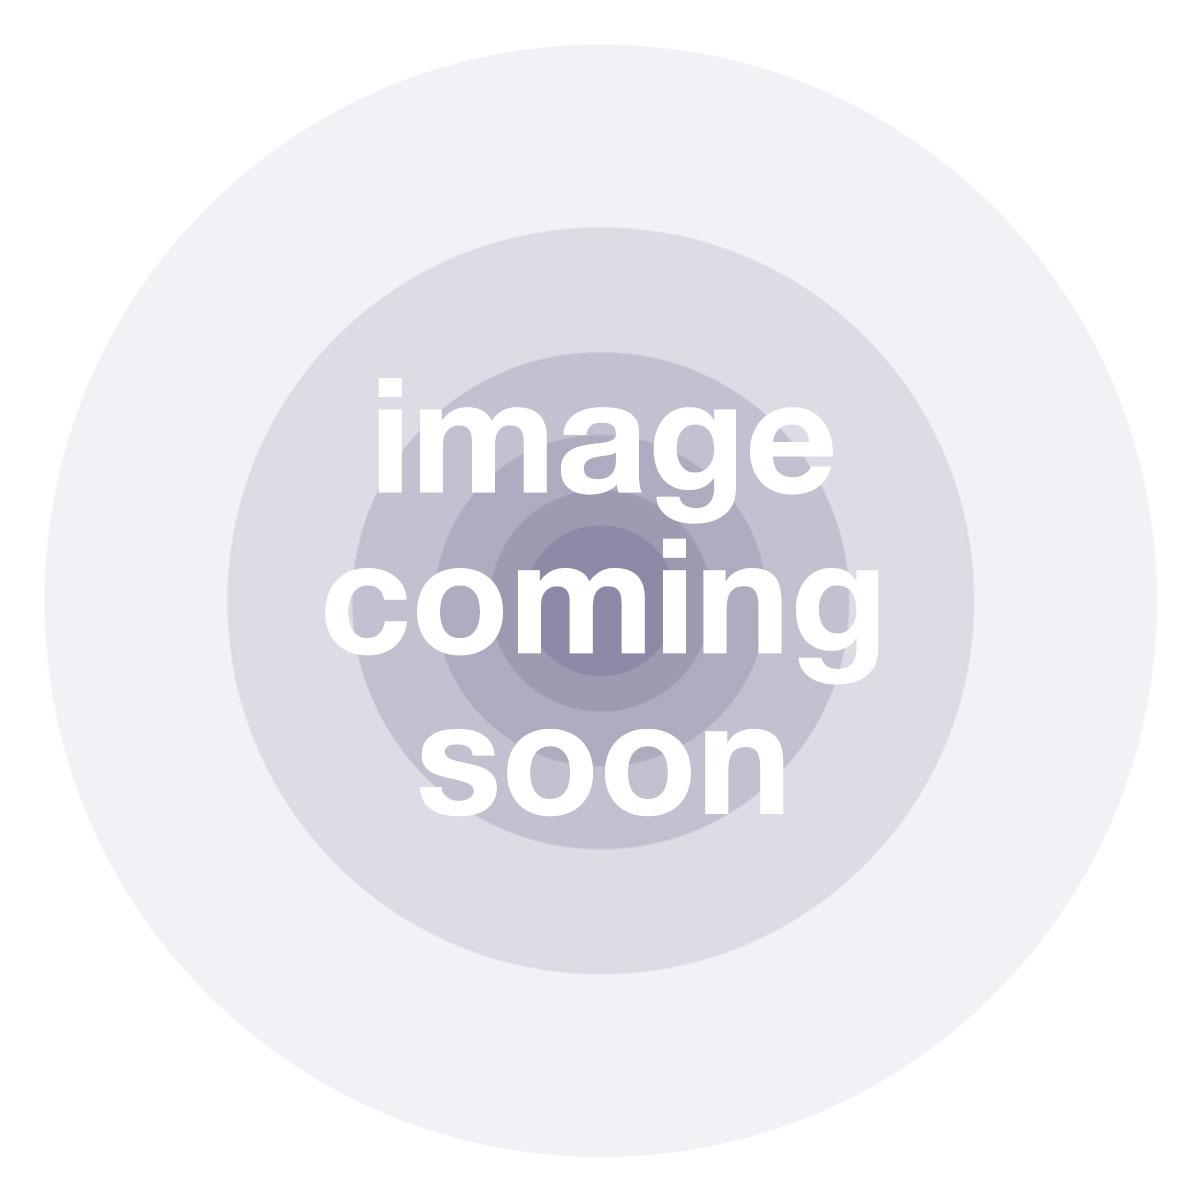 Teradek Cube 105/305 Video Streaming Encoder & Decoder Pair